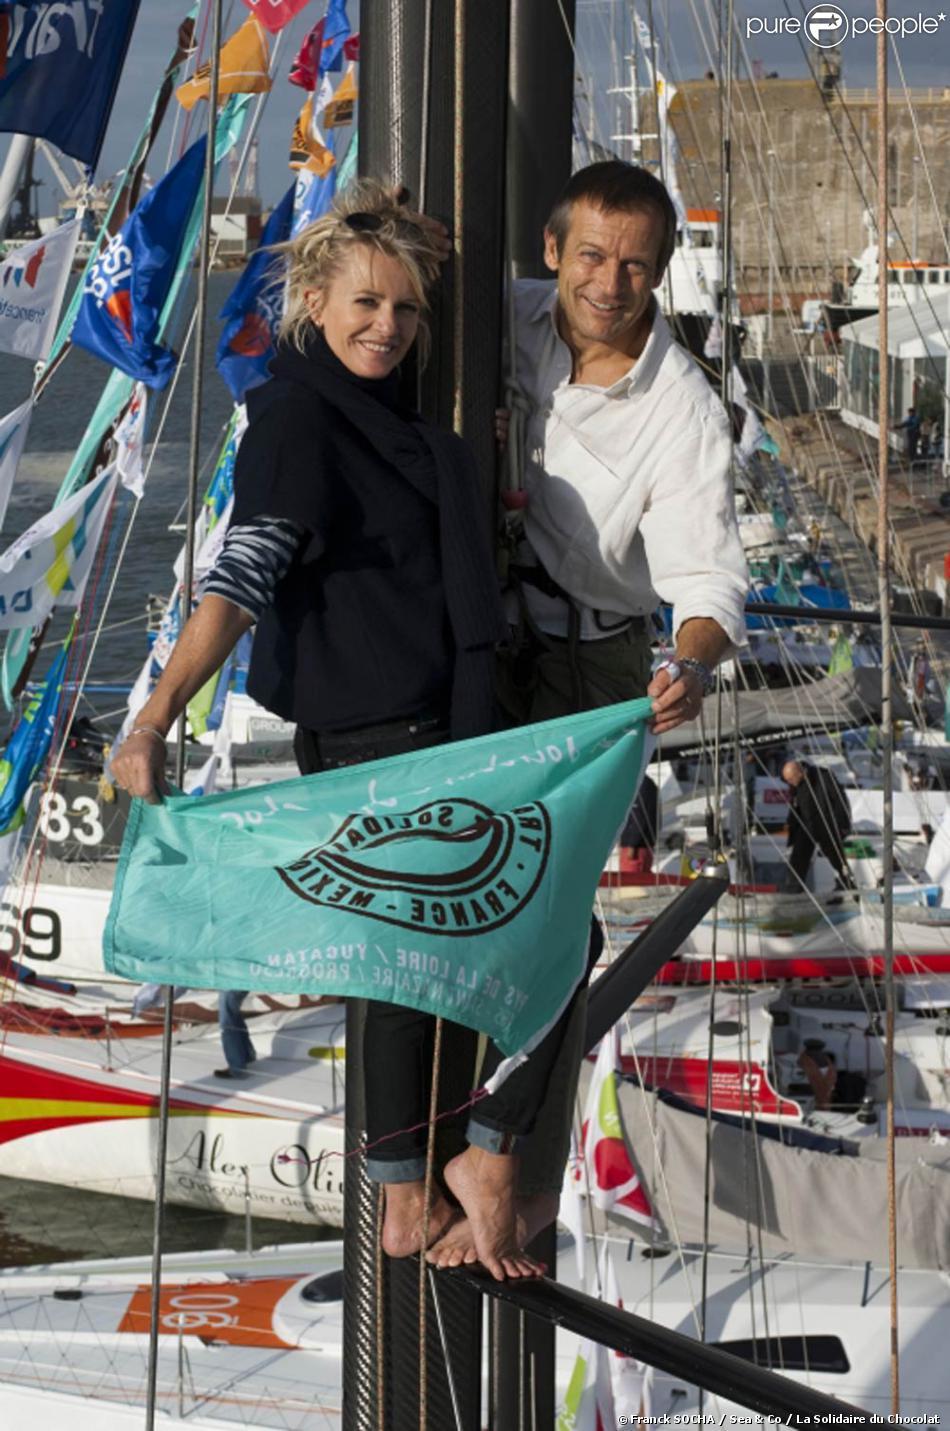 Sophie davant et laurent bignolas prennent la pose sur un m t d 39 environ 4 m tres de haut pour la - Laurent bignolas et son epouse ...